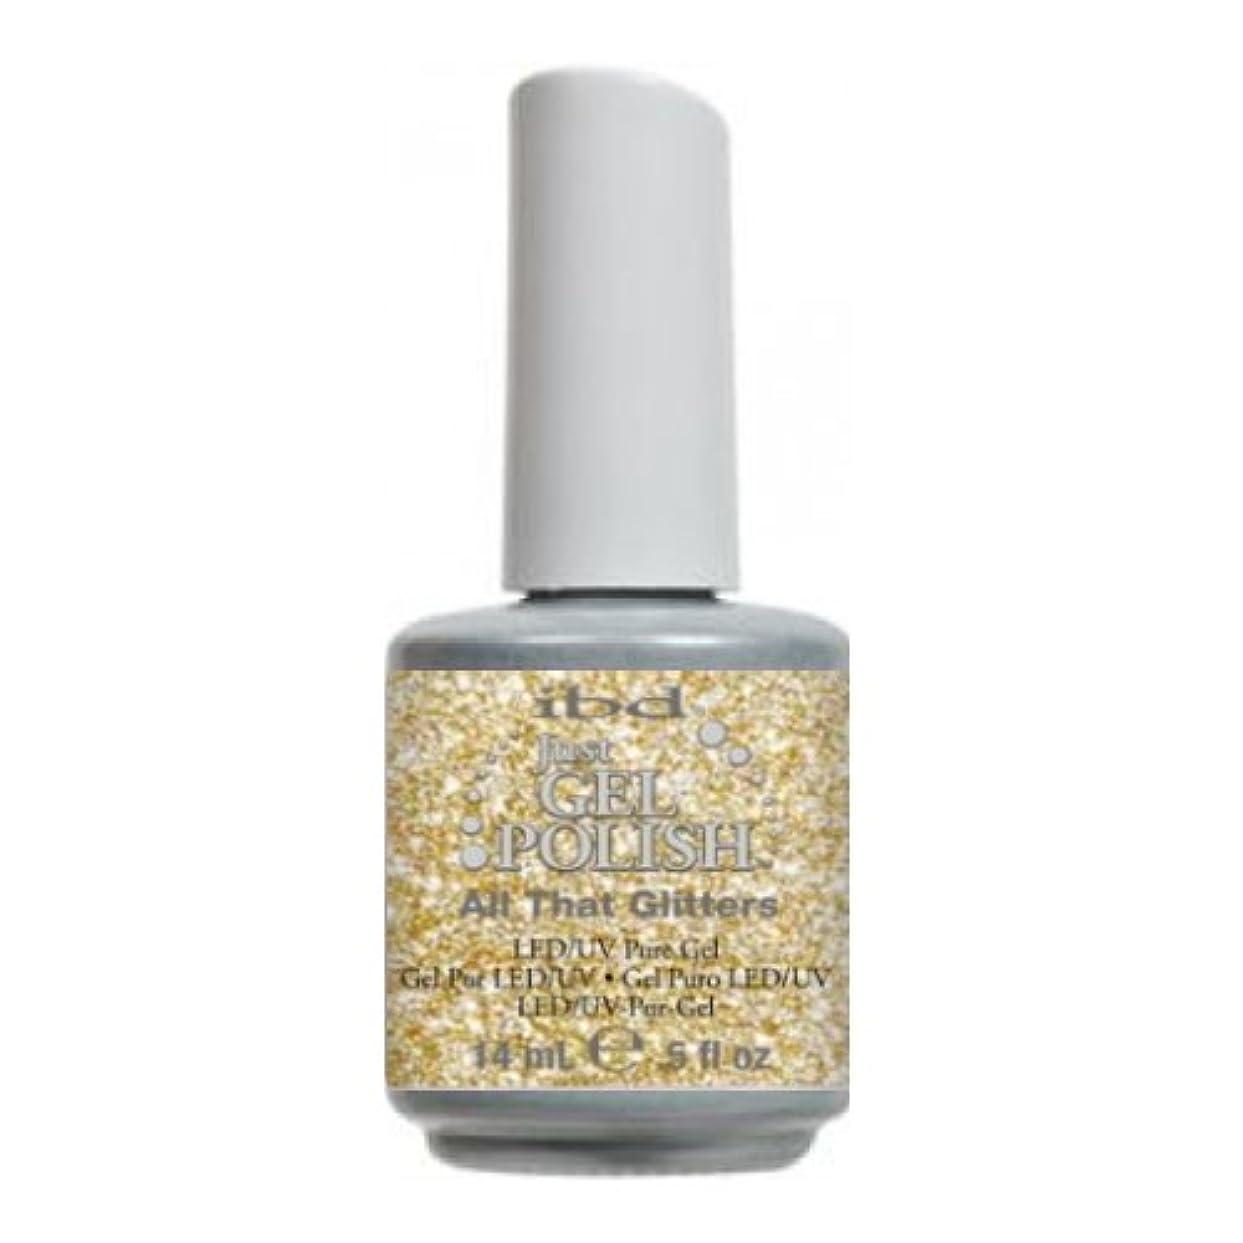 ibd Just Gel Polish - All That Glitters (並行輸入品)